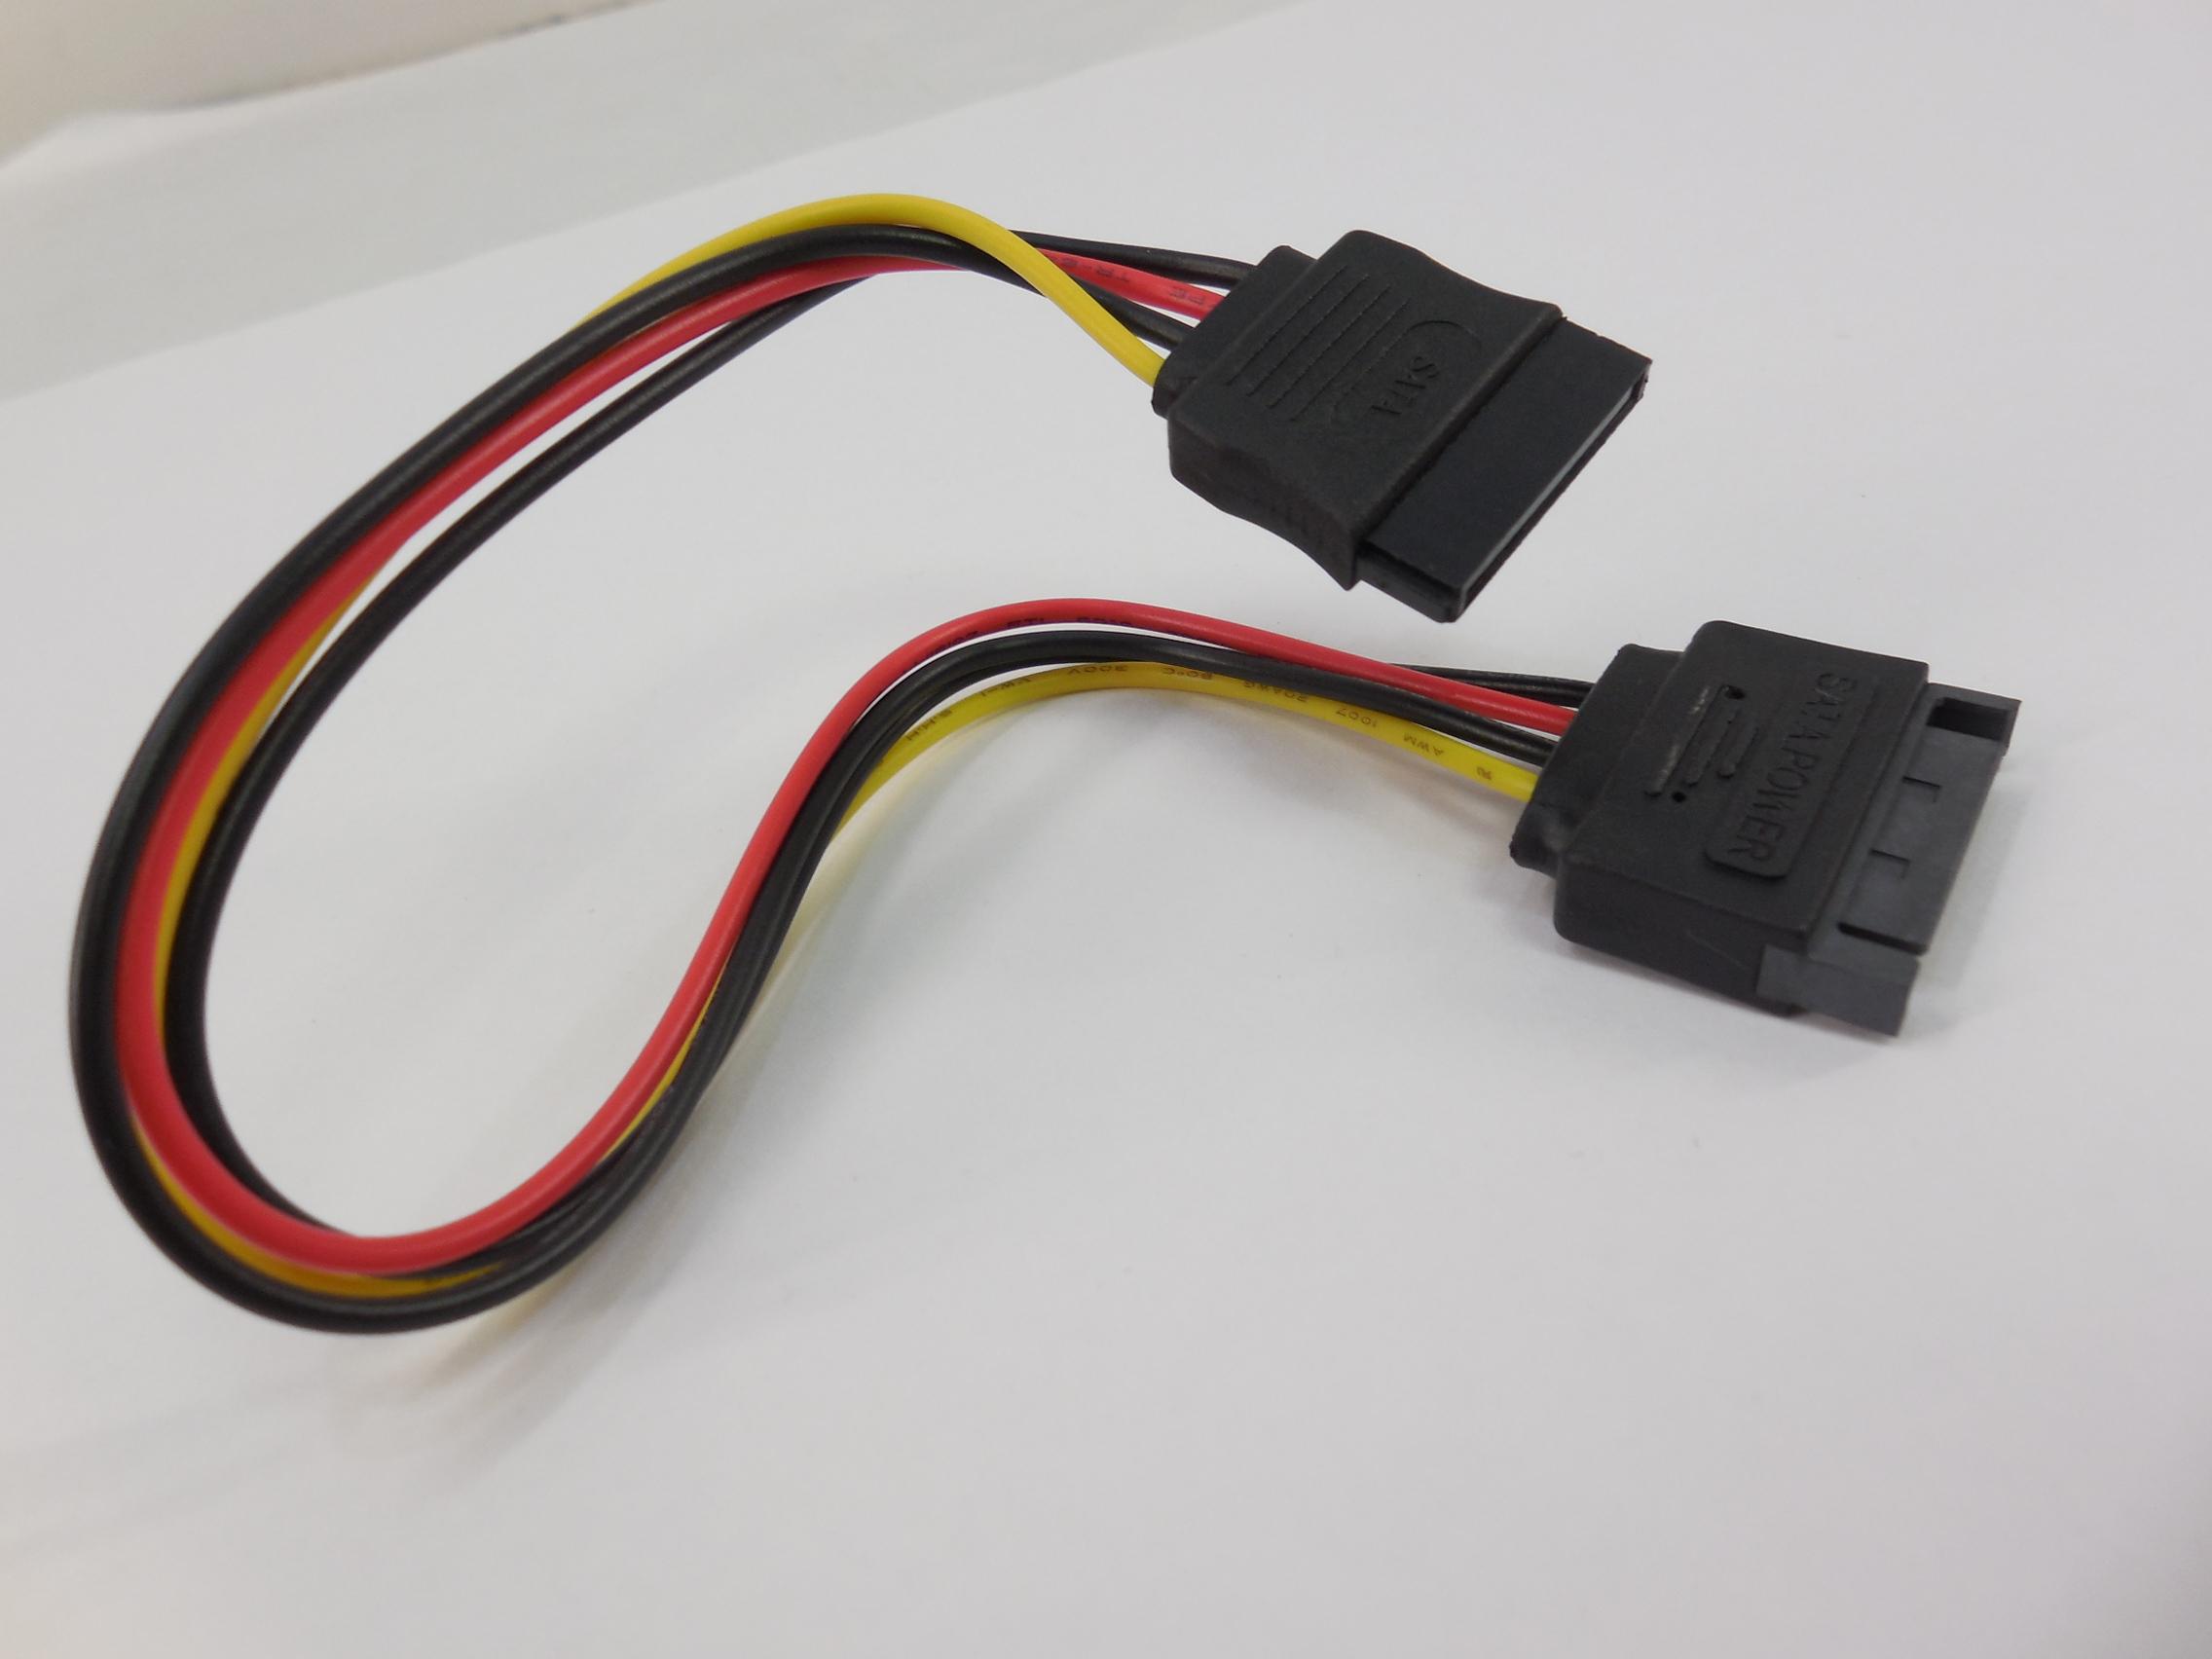 Esata-sata кабель своими руками